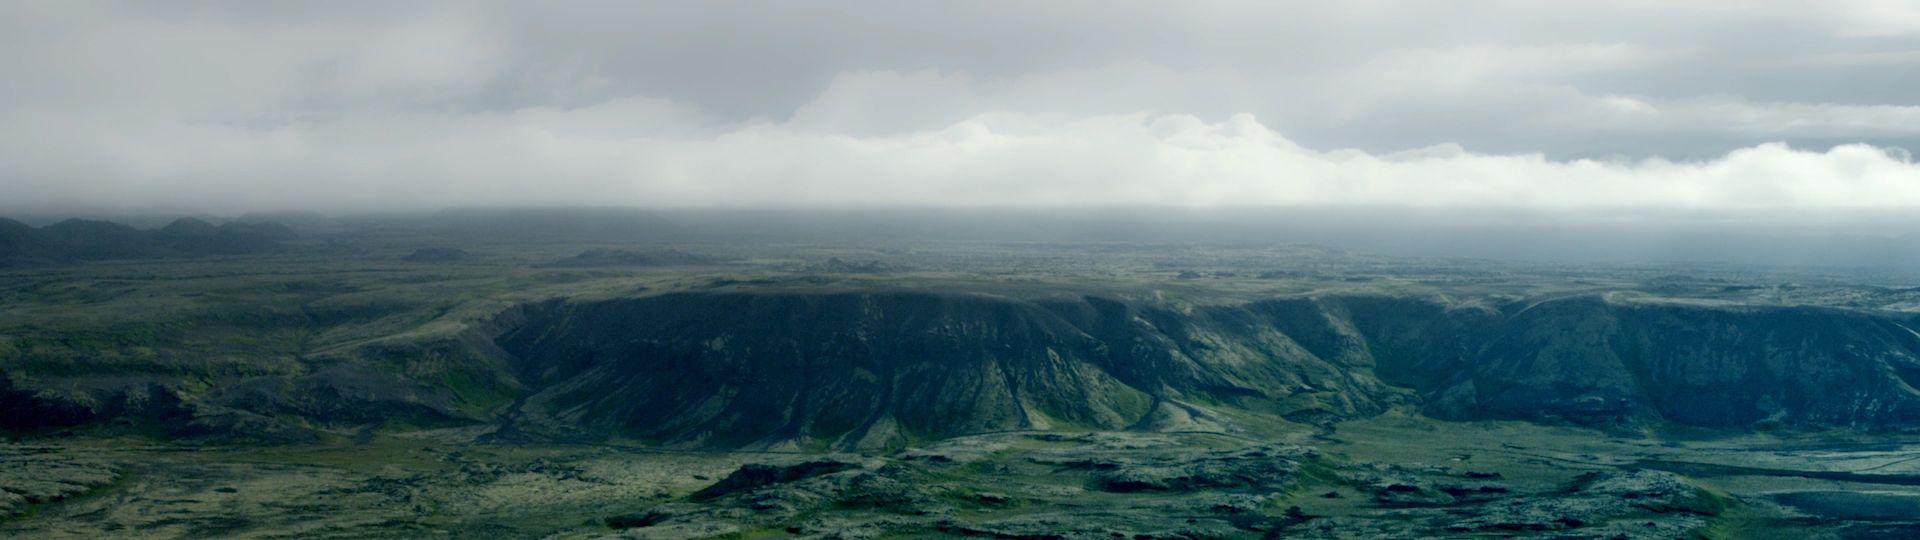 mystisches Landschaft in Island im Nebel